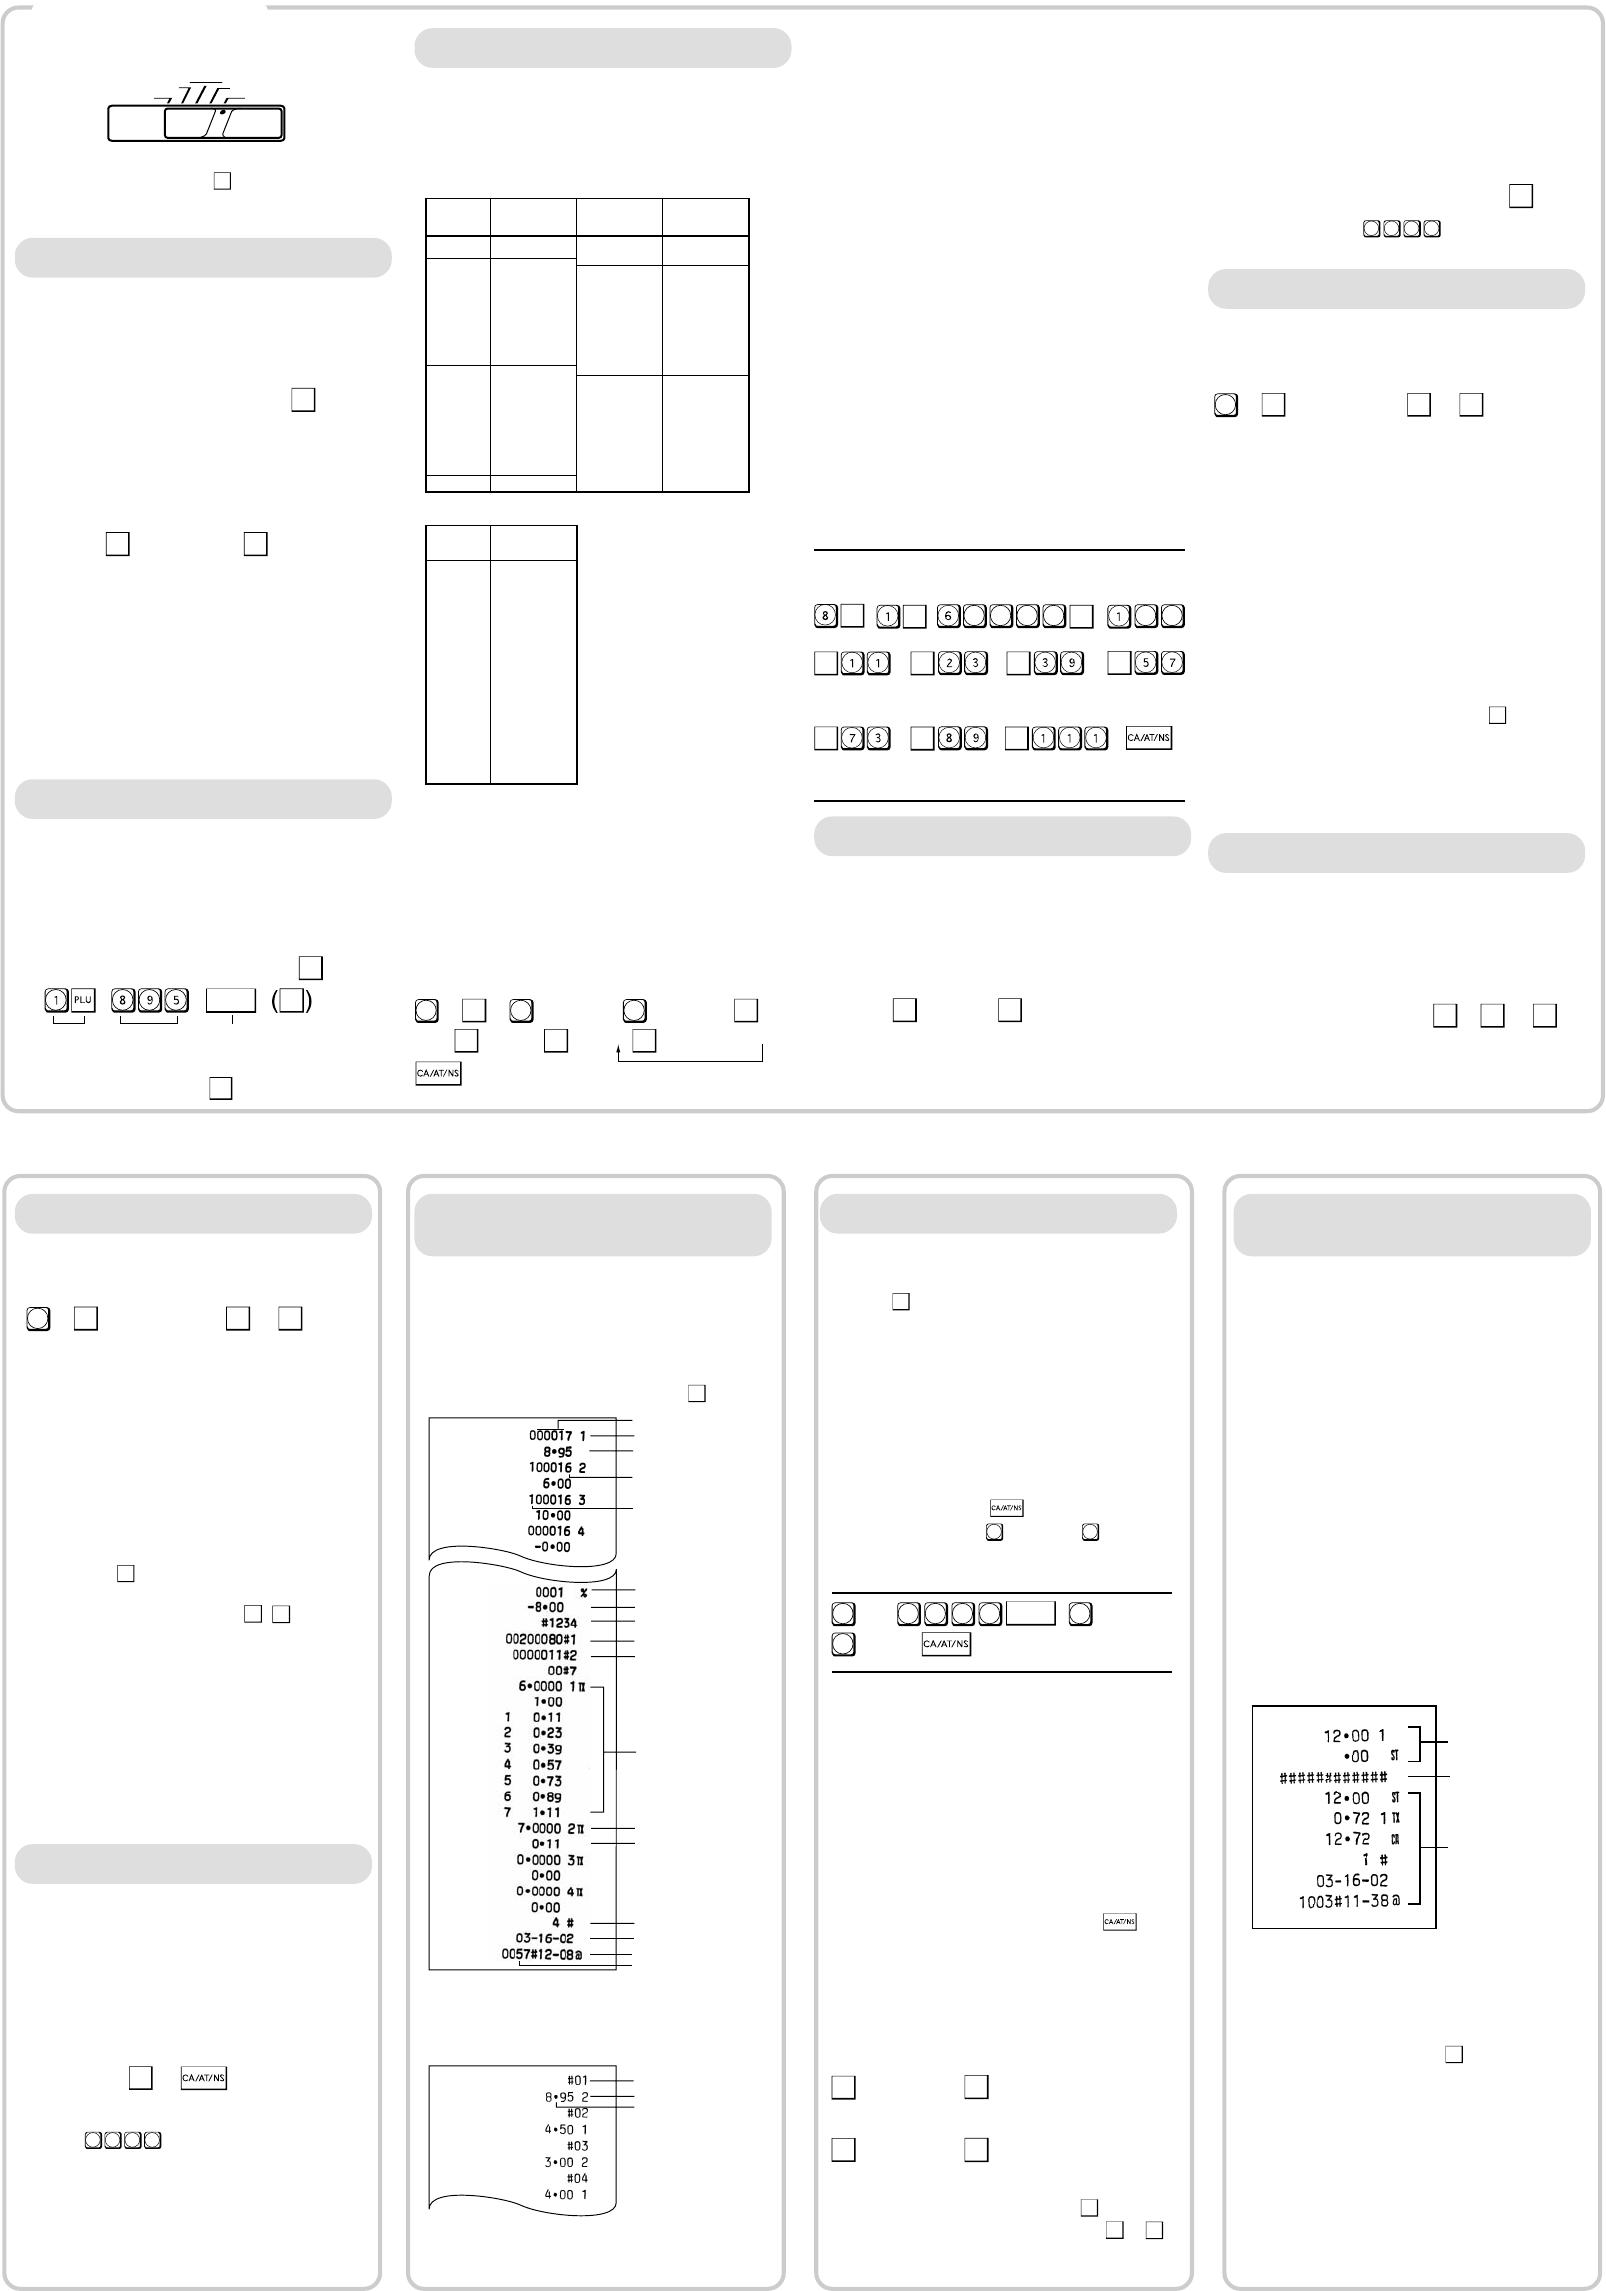 Sharp XE-A101 Cash Register User Manual